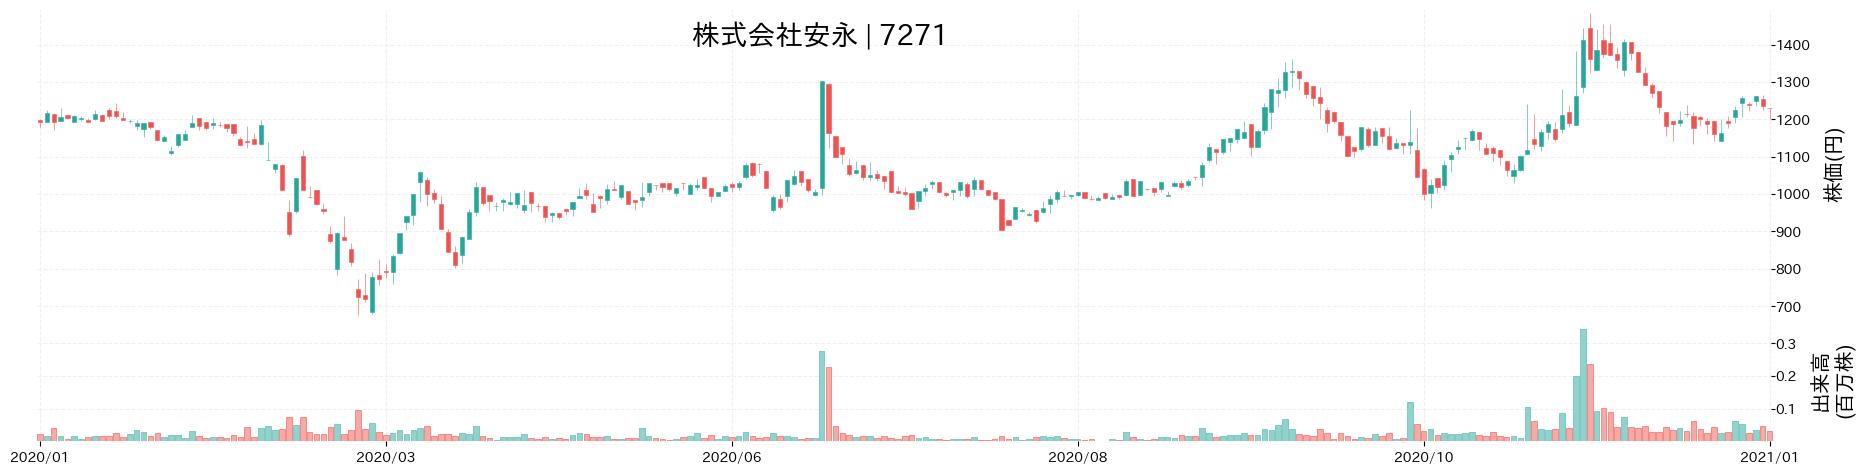 株式会社安 永の株価推移(2020)